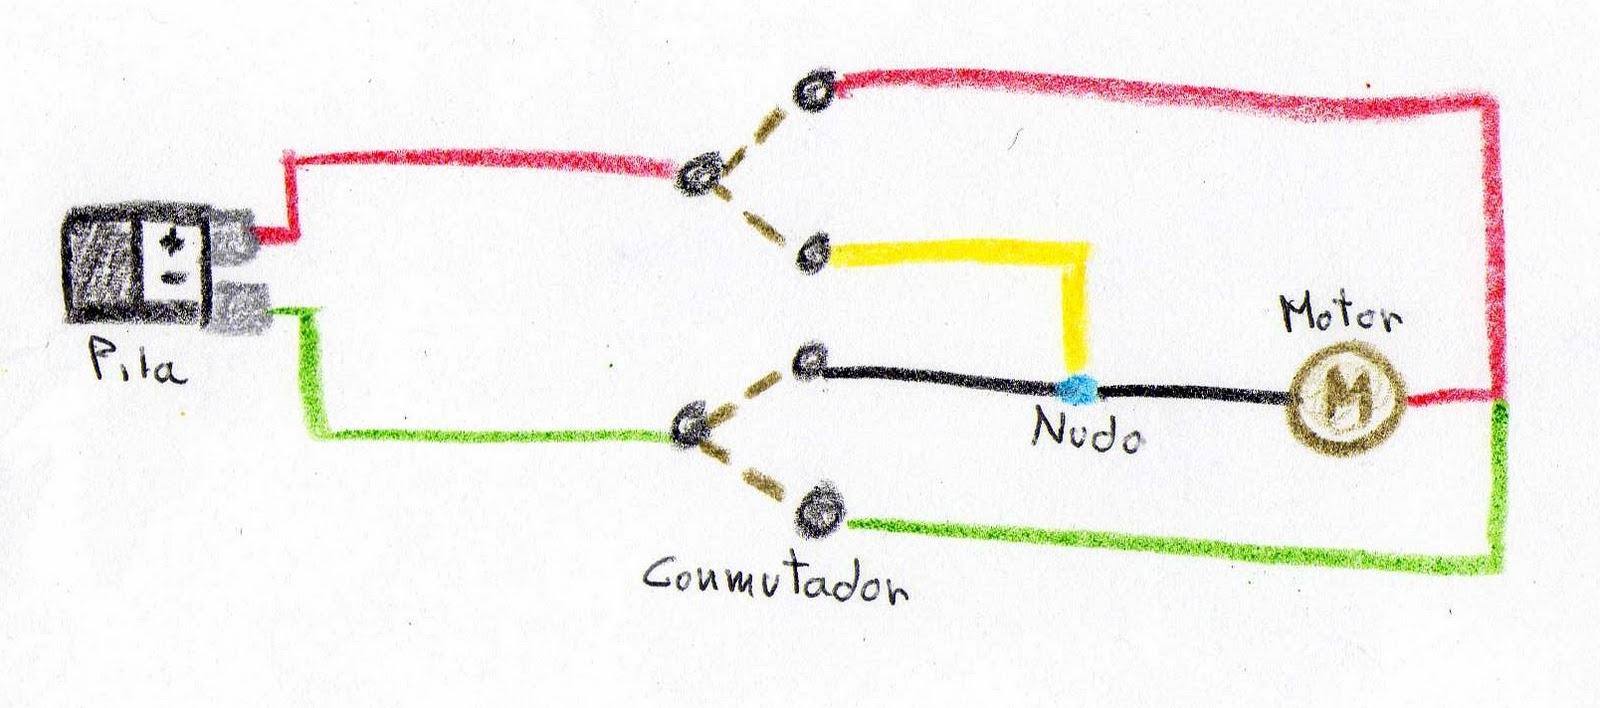 Circuito Basico : Componentes de un circuito eléctrico